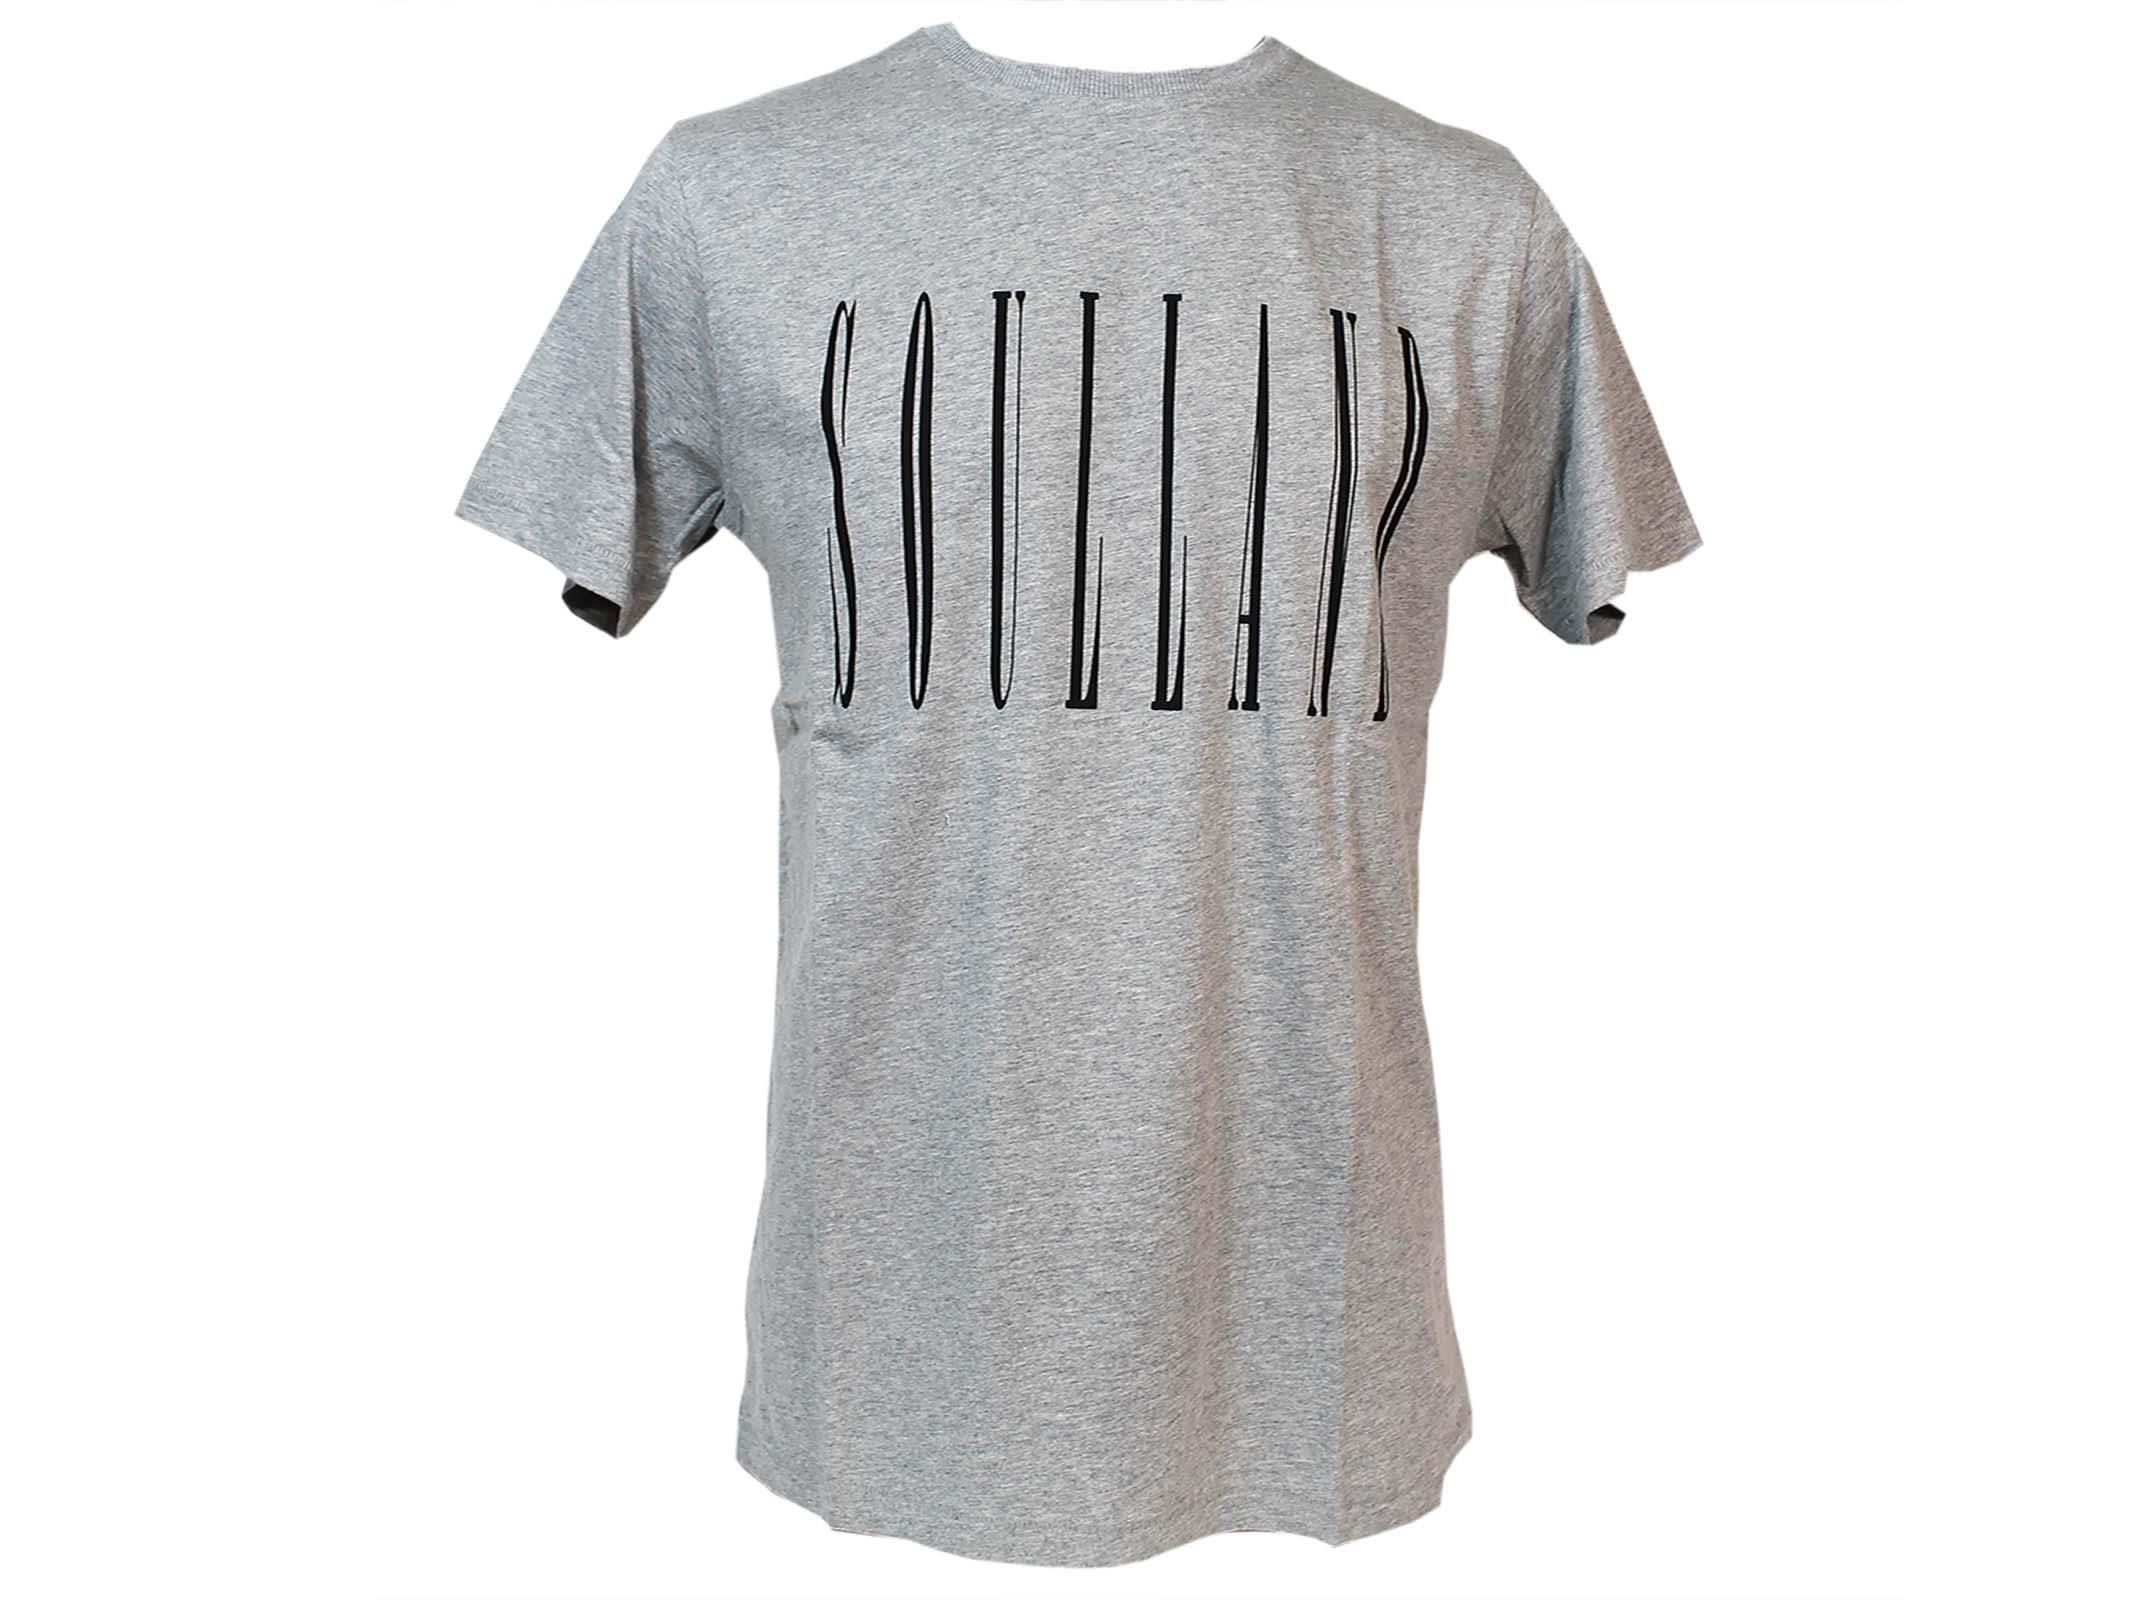 Soulland Grey Barker Logo T-shirt